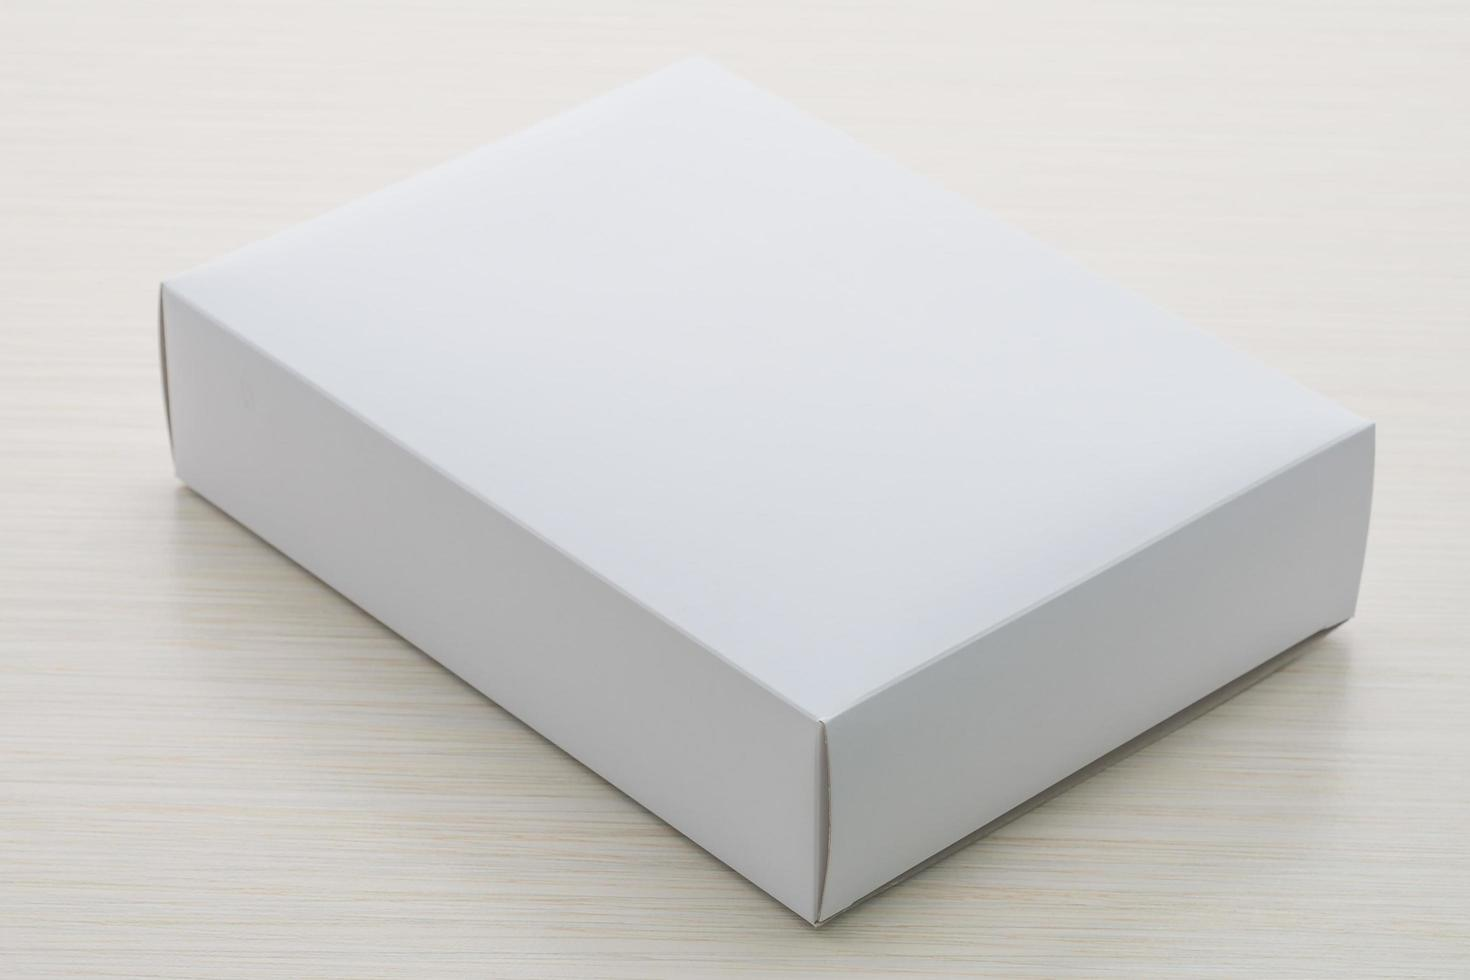 caixa de papel com fundo de madeira foto